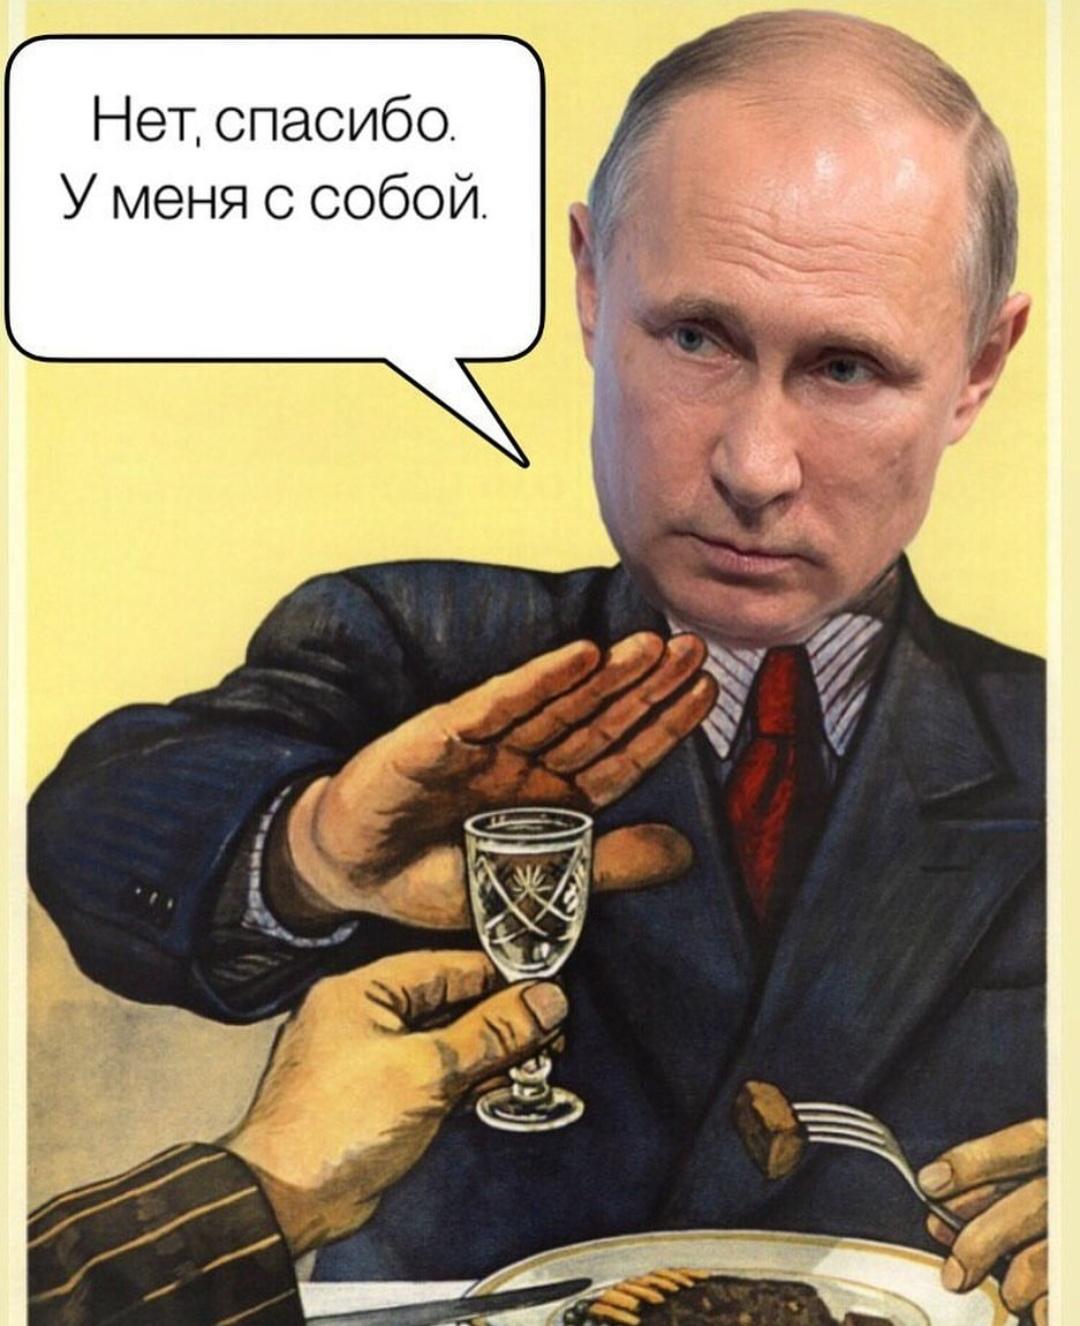 Пришел на ужин лидеров G20 с термокружкой: Путин снова стал посмешищем в сети